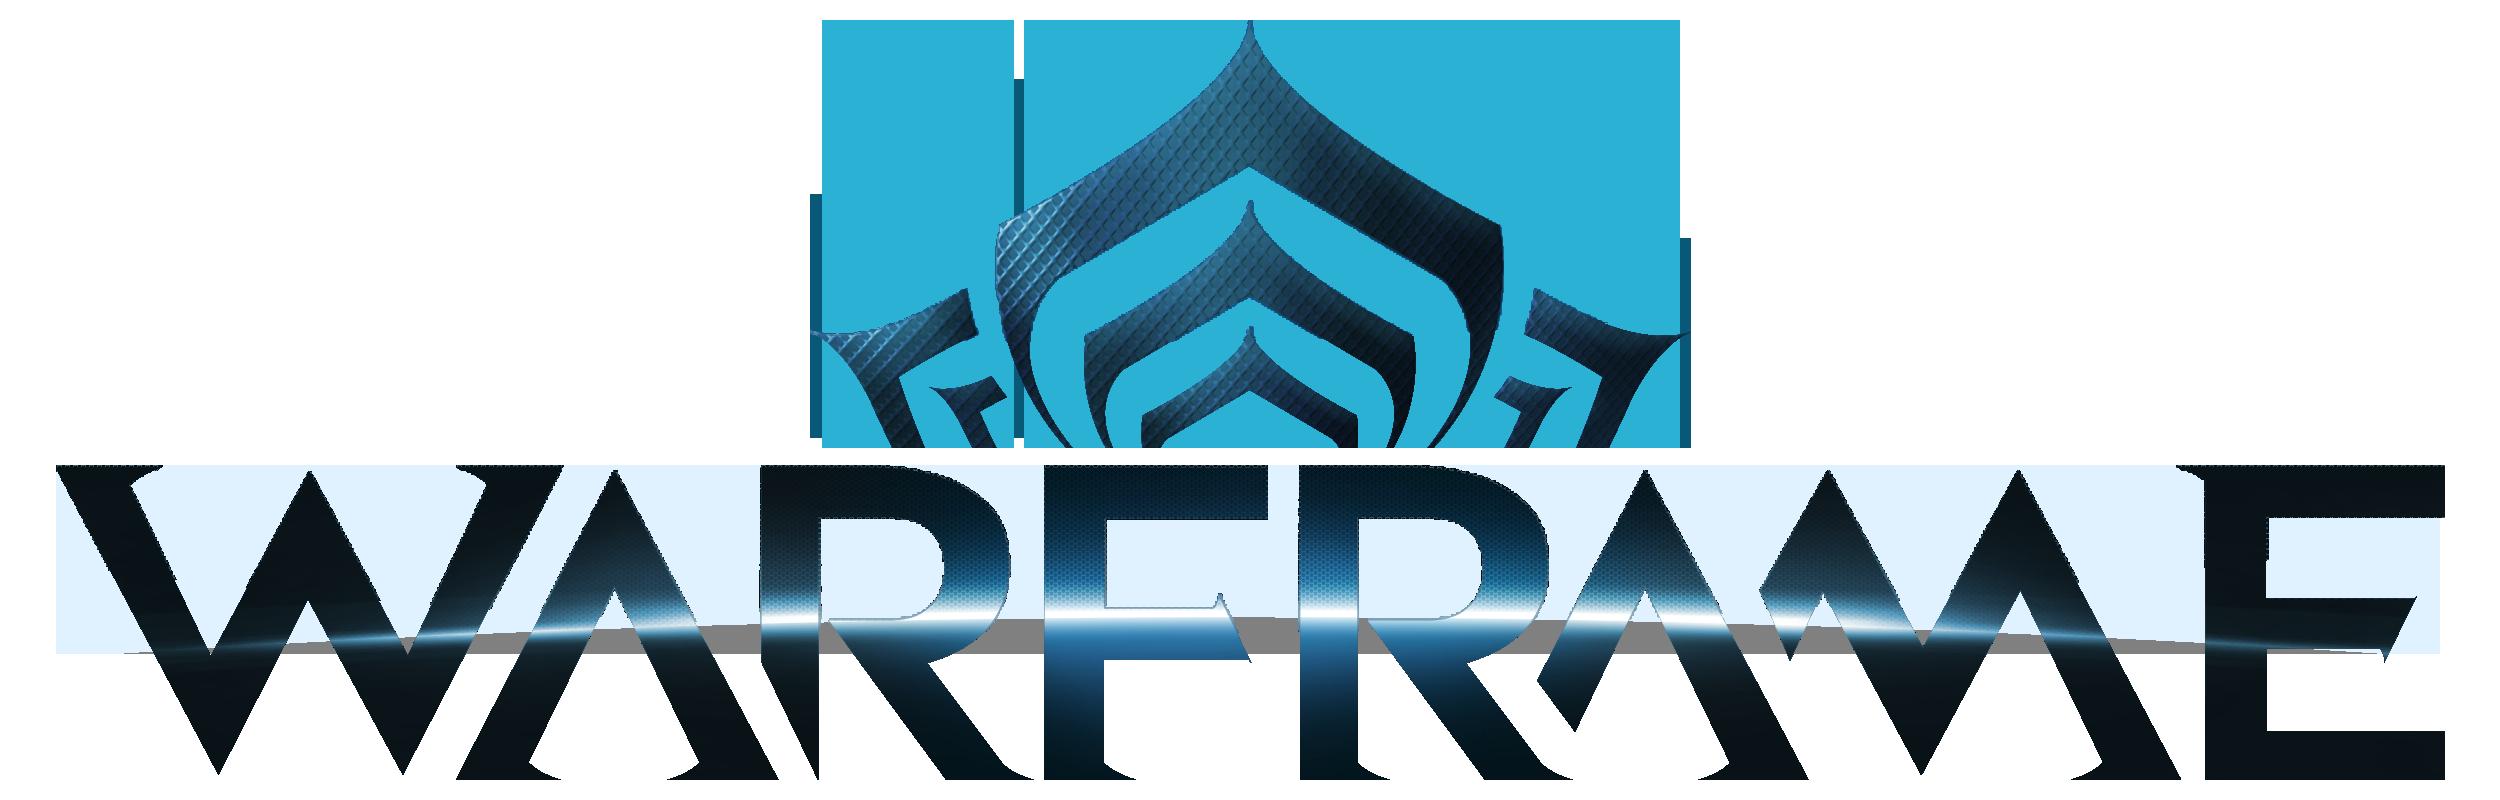 Warframe Logotipos